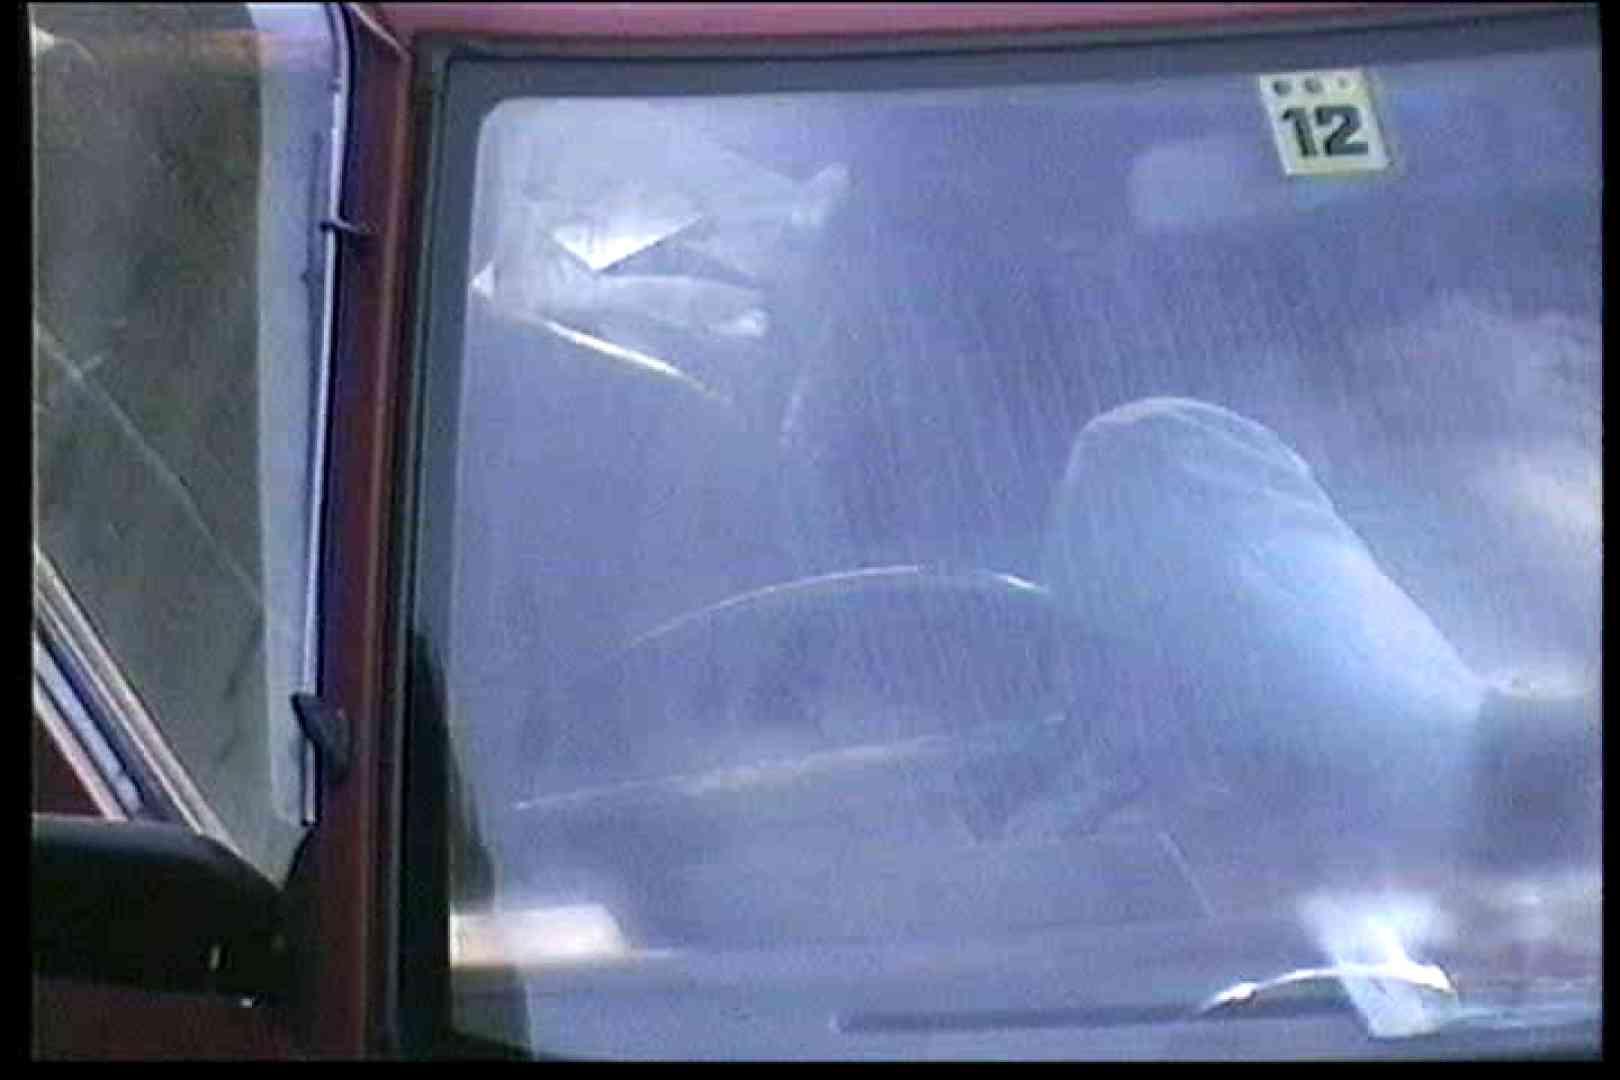 車の中はラブホテル 無修正版  Vol.12 車 AV動画キャプチャ 87pic 28